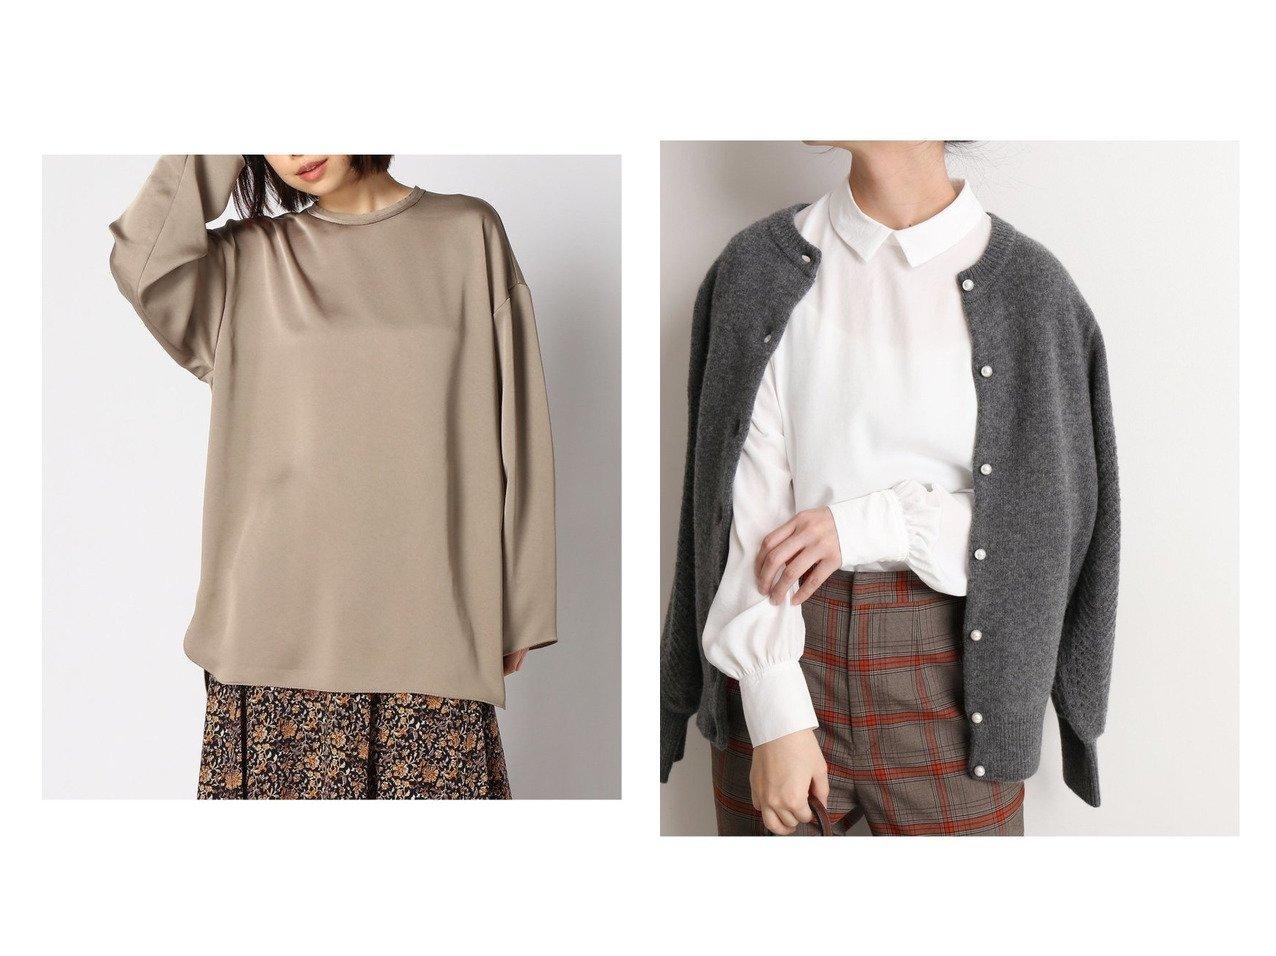 【FRAMeWORK/フレームワーク】のビンテージサテン ブラウス&【SLOBE IENA/スローブ イエナ】のエリツキサテンシャツBL Re トップス・カットソーのおすすめ!人気、トレンド・レディースファッションの通販  おすすめで人気の流行・トレンド、ファッションの通販商品 メンズファッション・キッズファッション・インテリア・家具・レディースファッション・服の通販 founy(ファニー) https://founy.com/ ファッション Fashion レディースファッション WOMEN トップス Tops Tshirt シャツ/ブラウス Shirts Blouses NEW・新作・新着・新入荷 New Arrivals 2020年 2020 2020-2021 秋冬 A/W AW Autumn/Winter / FW Fall-Winter 2020-2021 A/W 秋冬 AW Autumn/Winter / FW Fall-Winter インナー サテン スウェット ボトム ロング 長袖 |ID:crp329100000010348